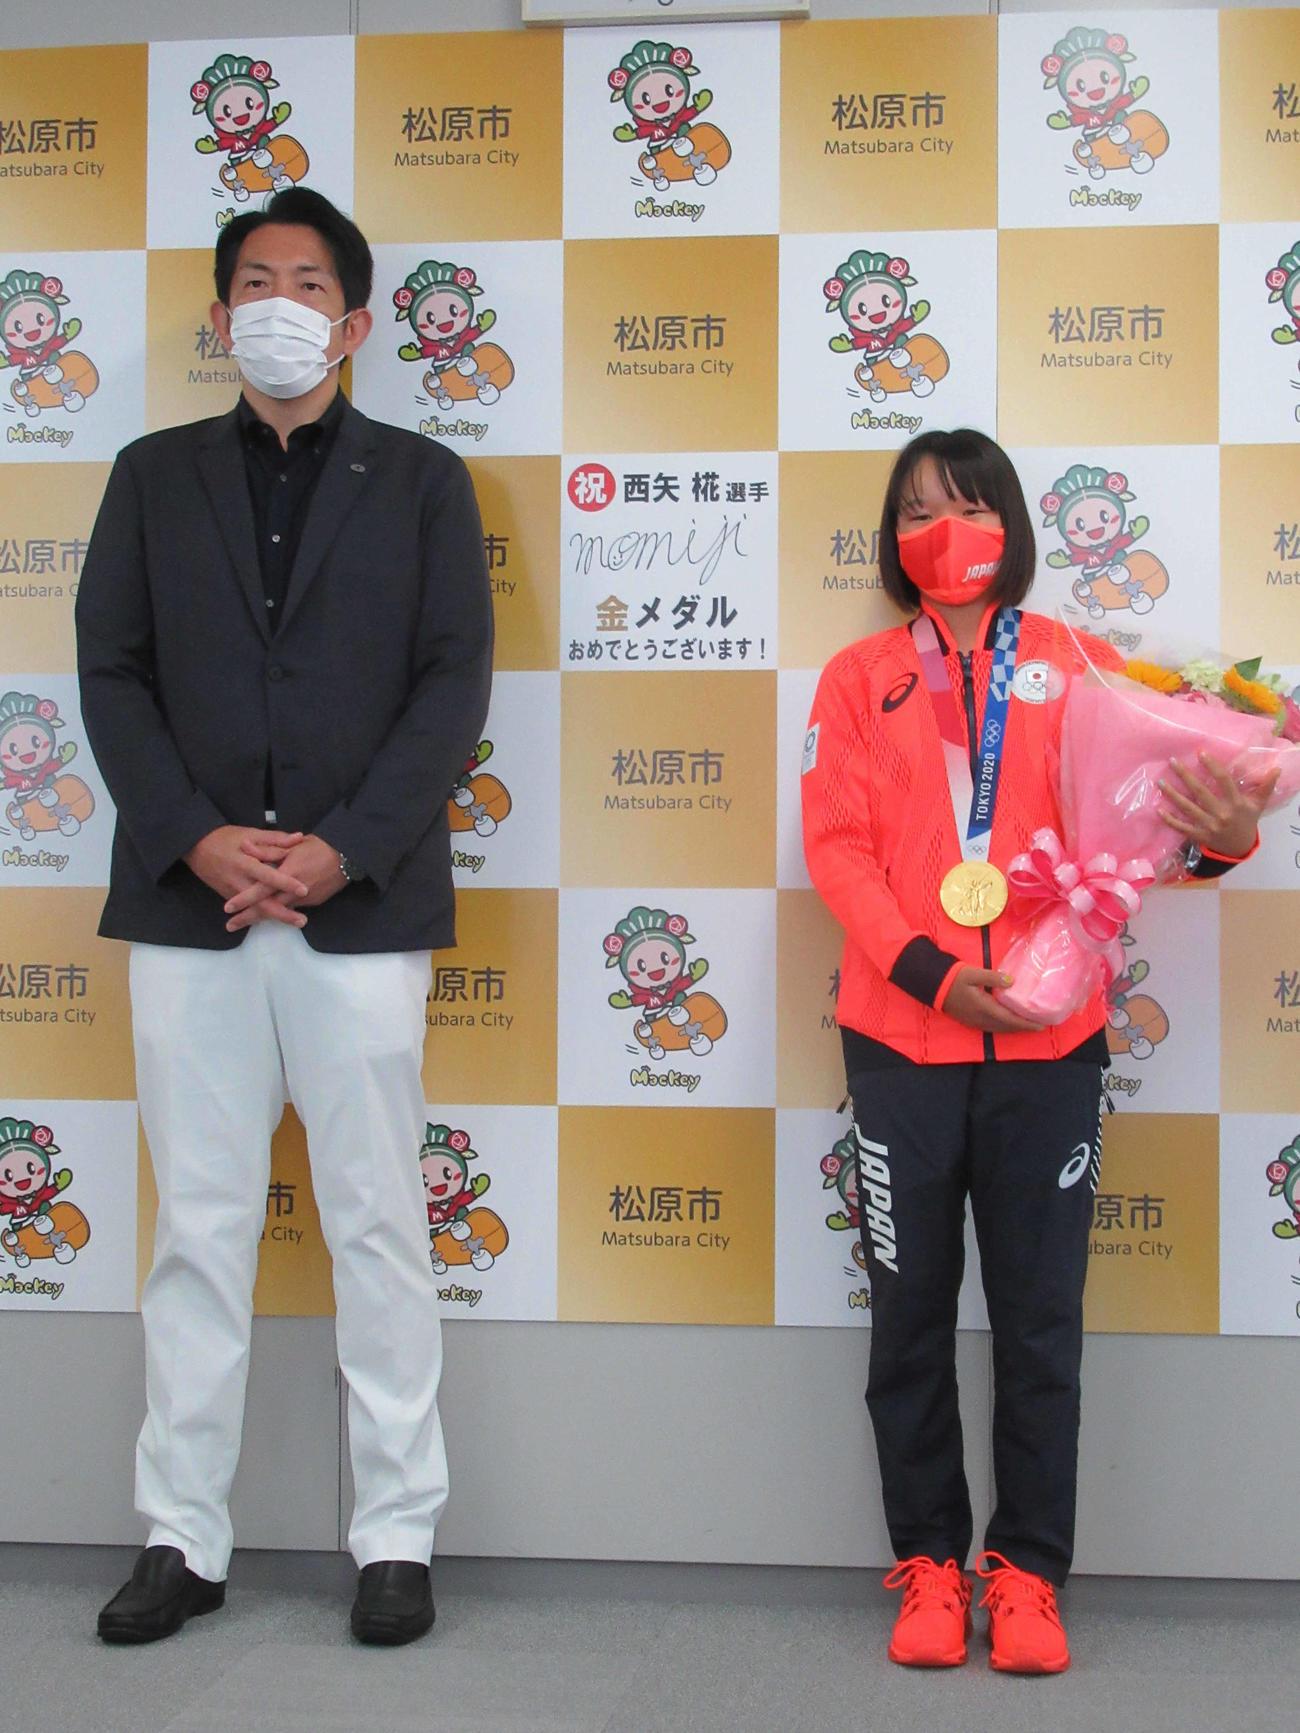 最年少13歳で金メダルを獲得した西矢が地元の大阪・松原市役所で沢井市長(左)を訪問。中央はこの日入れた直筆のサイン